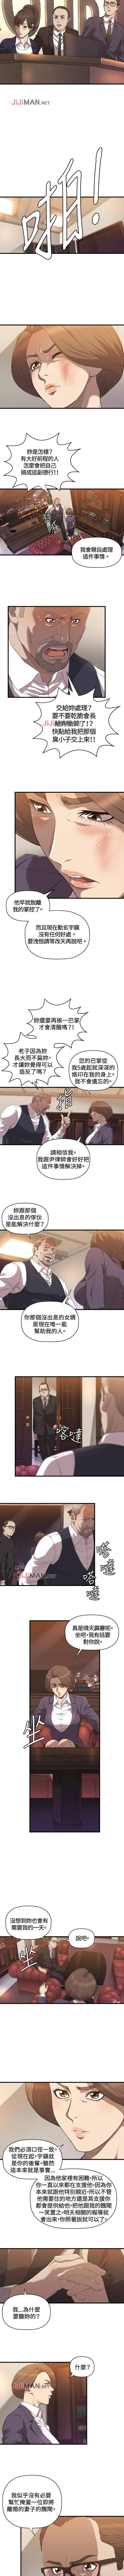 【已完结】索多玛俱乐部(作者:何藝媛&庫奈尼) 第1~32话 99